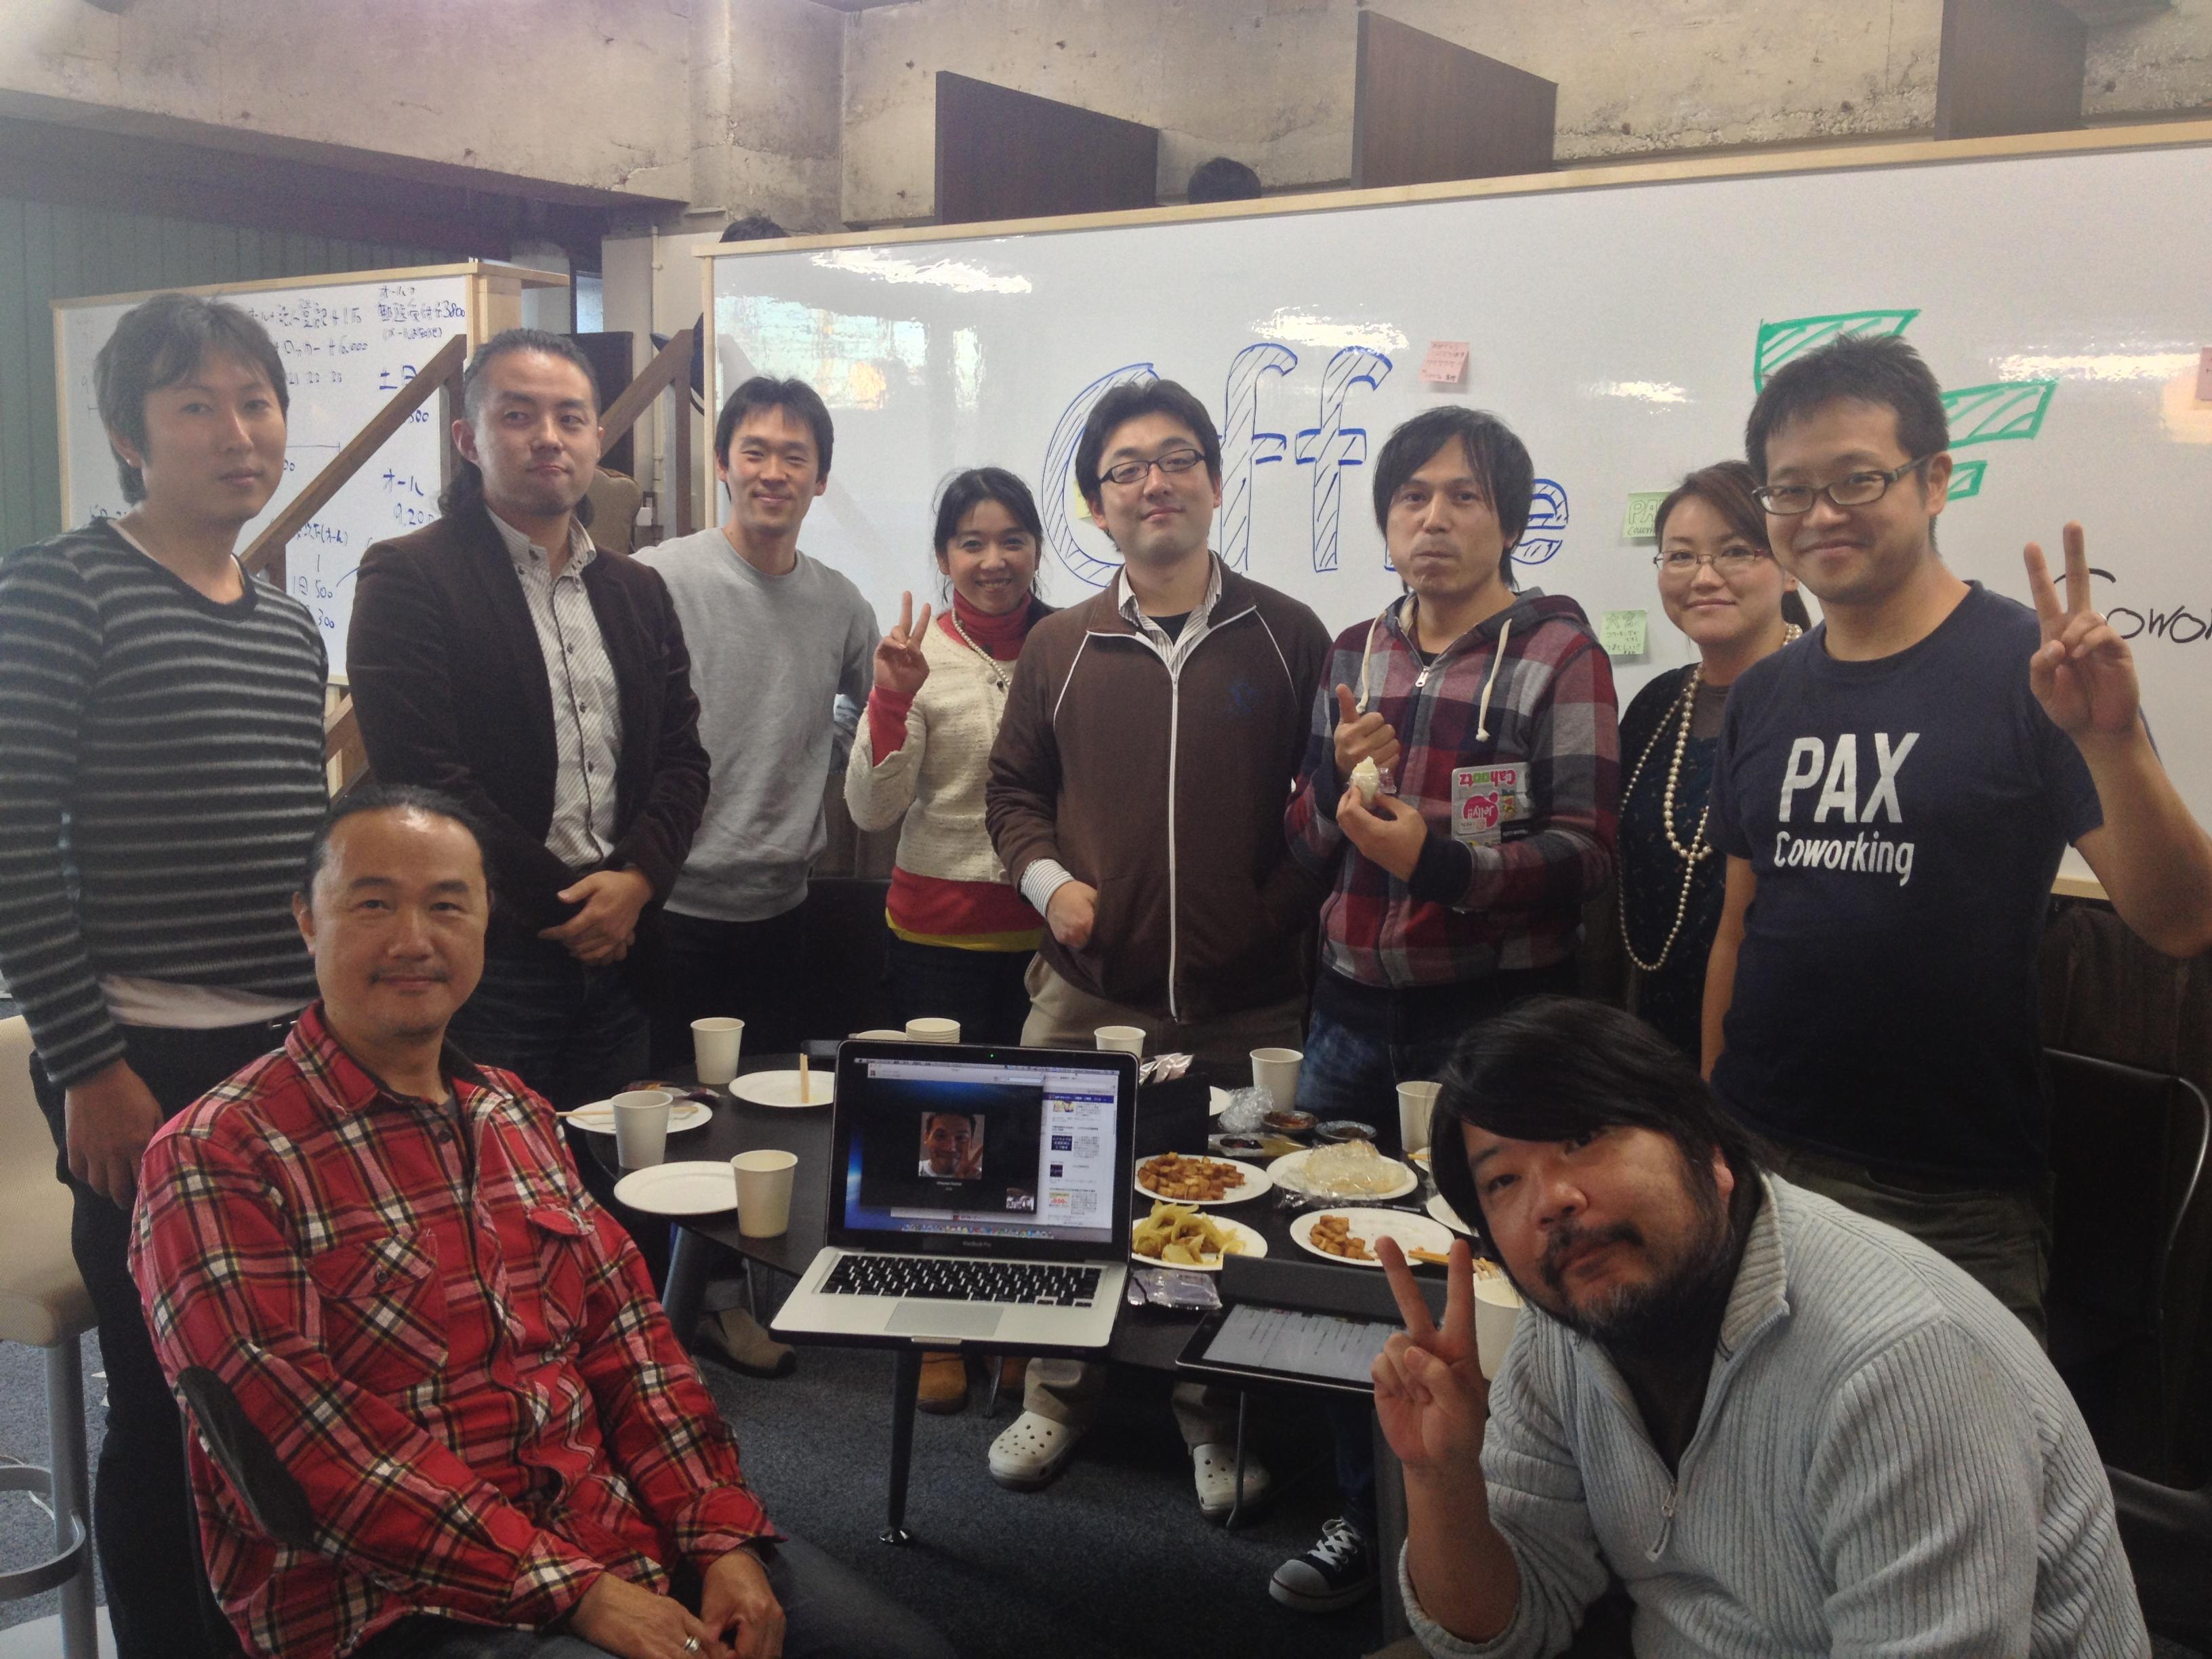 首都圏郊外型コワーキングスペースまつりとして、東京23区周辺のコワーキングスペース運営者の皆さんが来てくださいました。